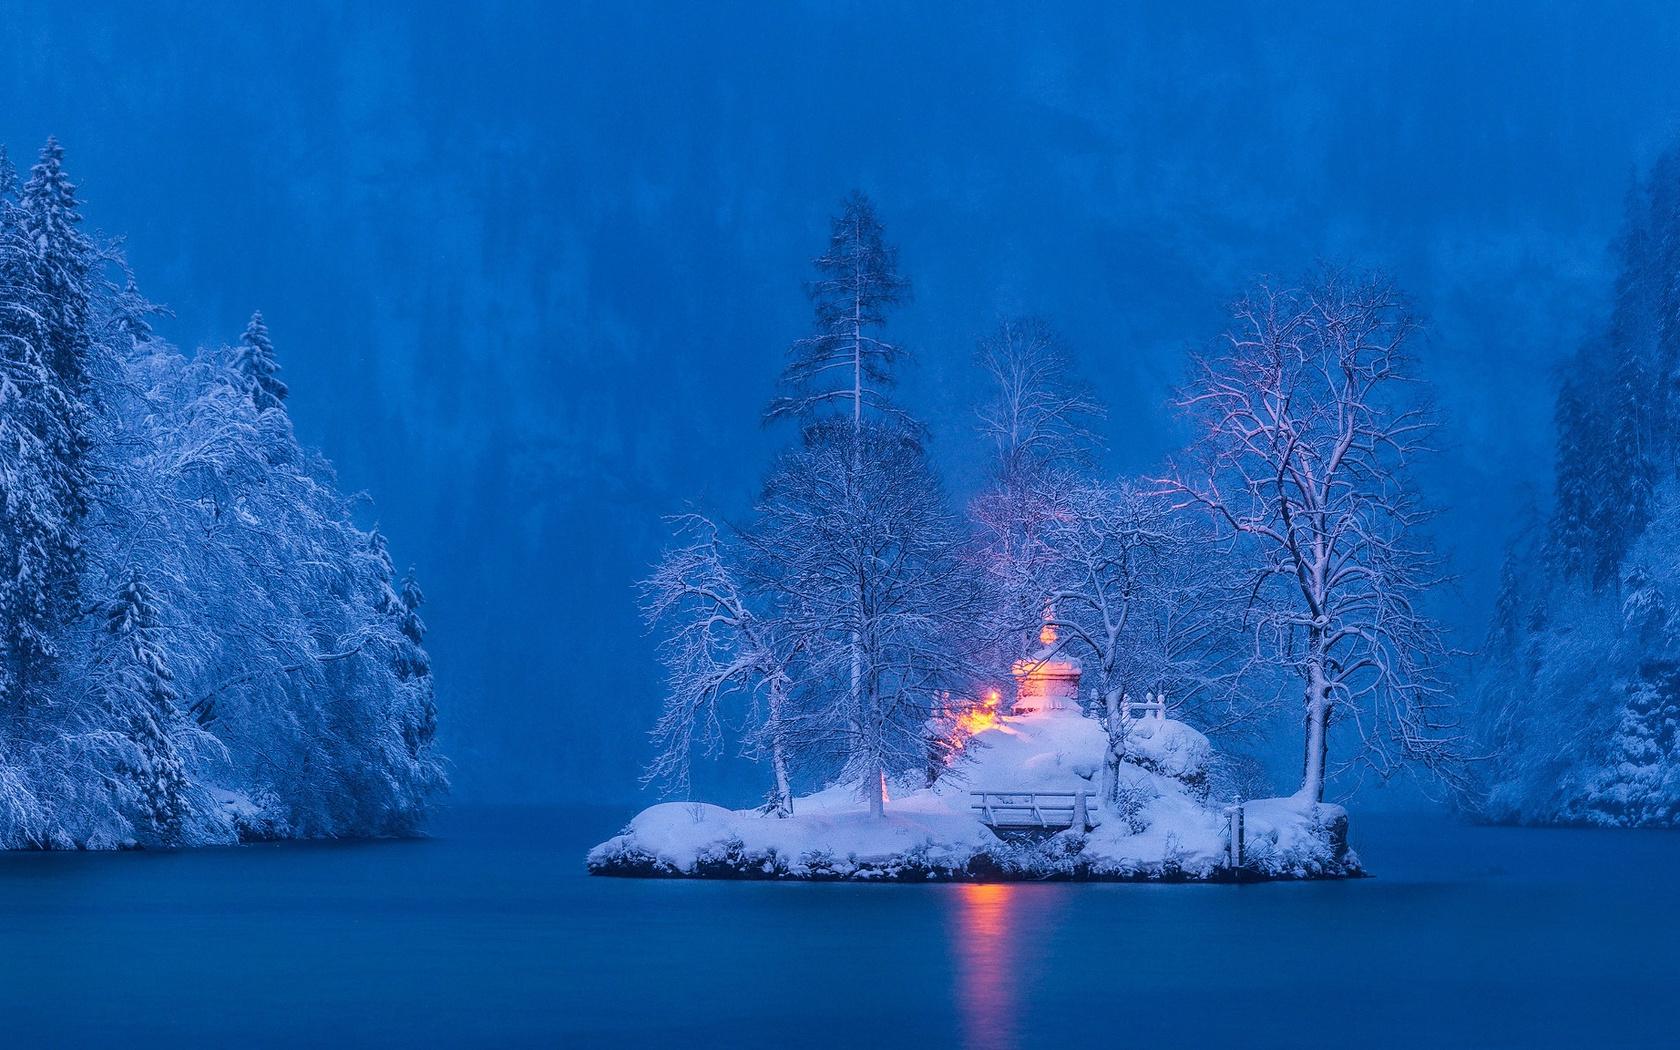 зима, снег, деревья, пейзаж, природа, озеро, германия, бавария, островок, кёнигсзе, maciej bartnicki